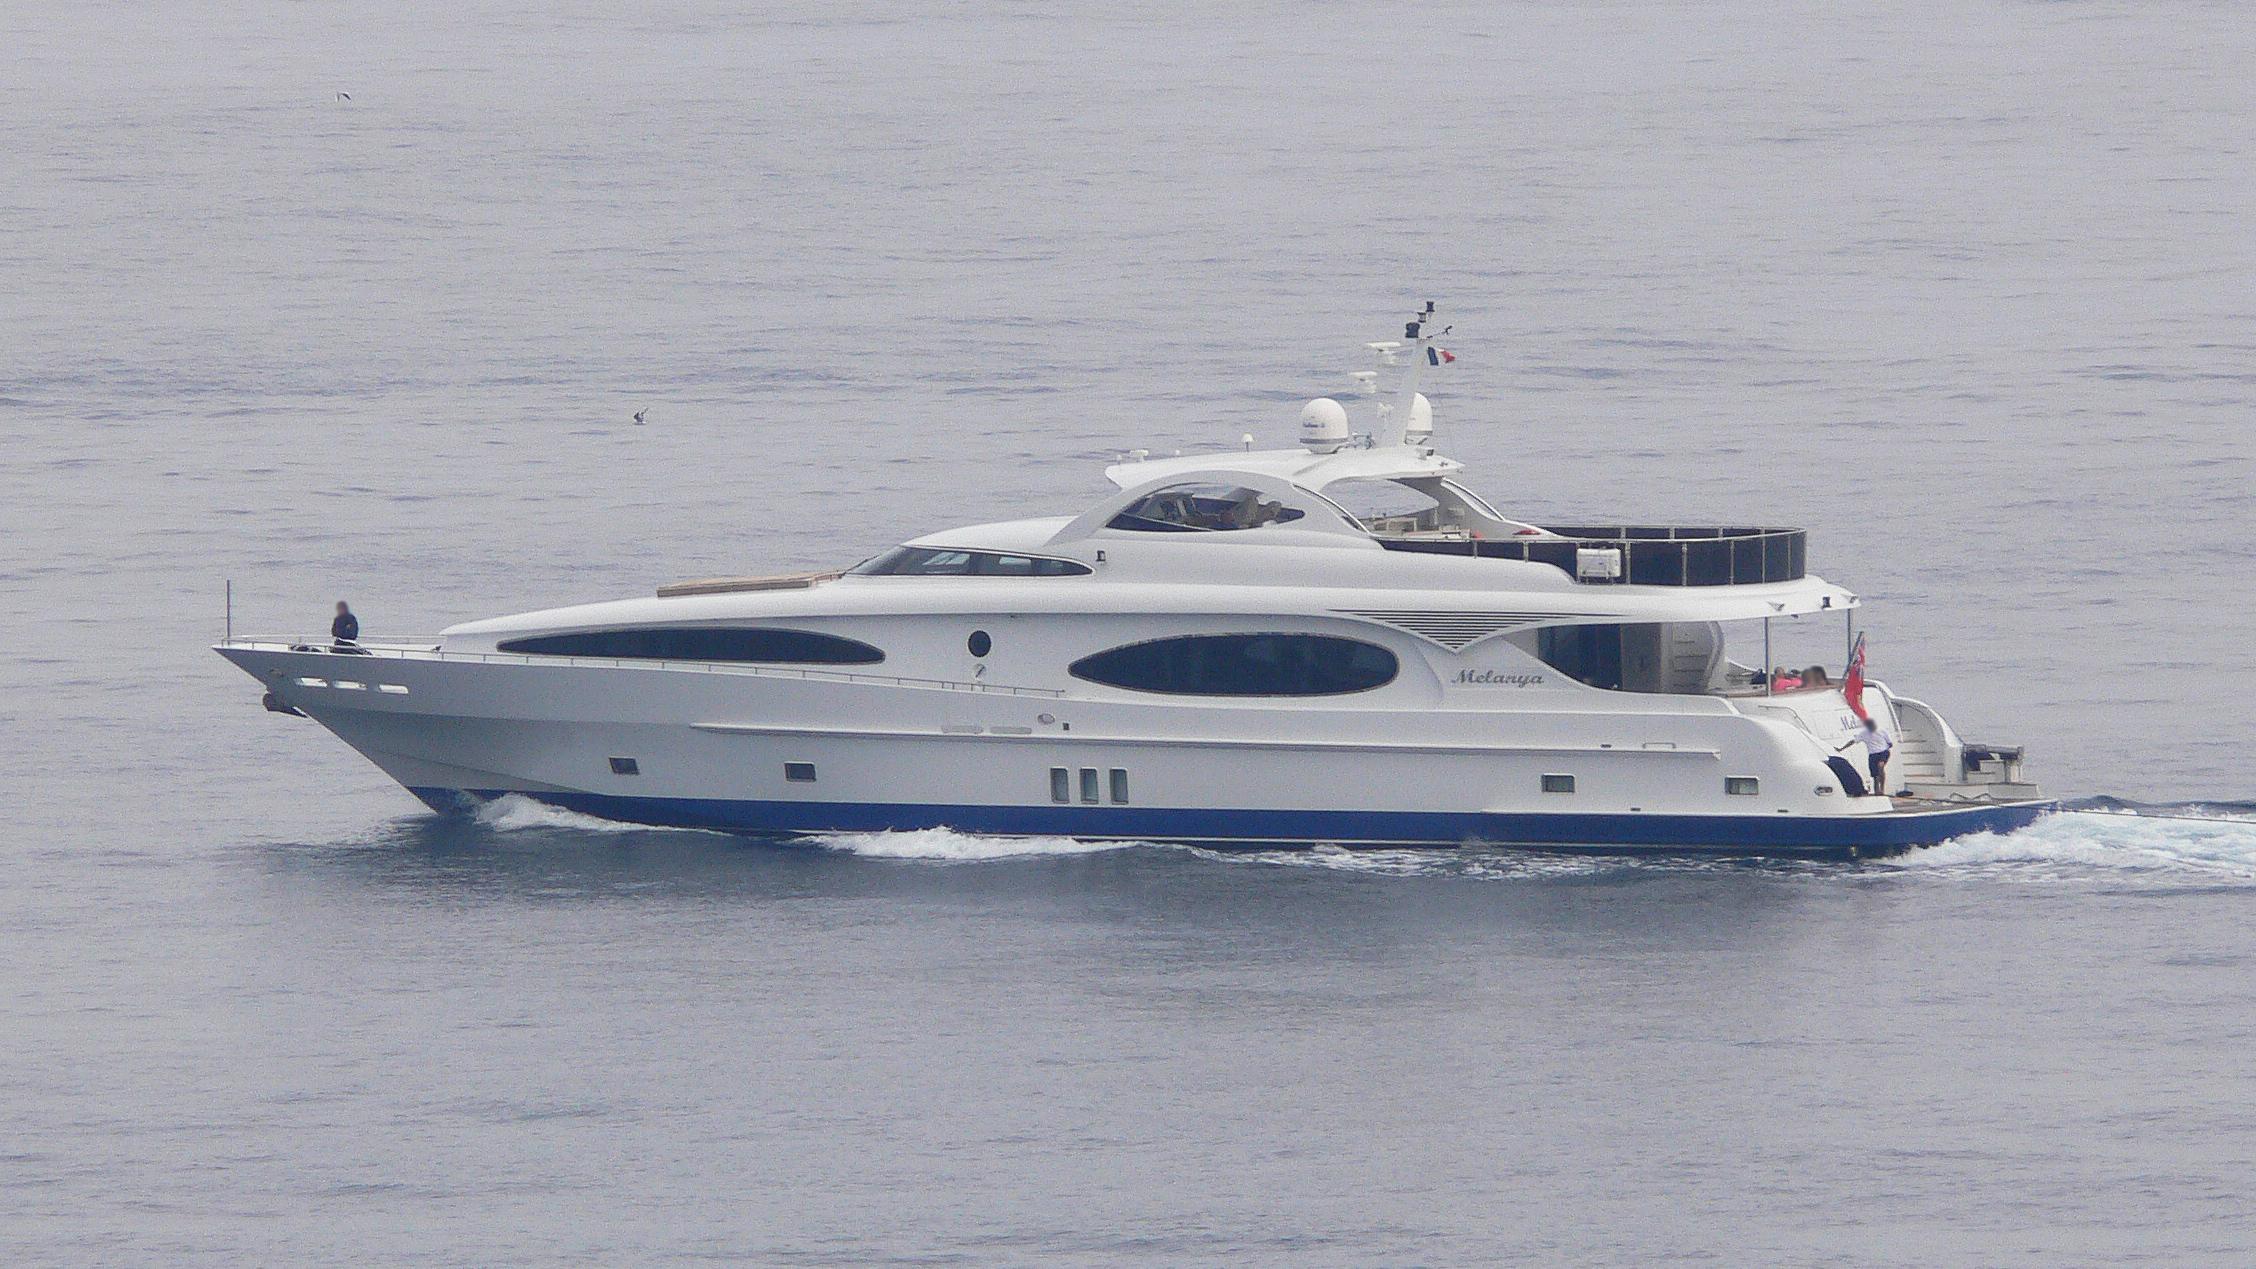 melanya-motor-yacht-gulf-craft-majesty-118-2006-36m-profile